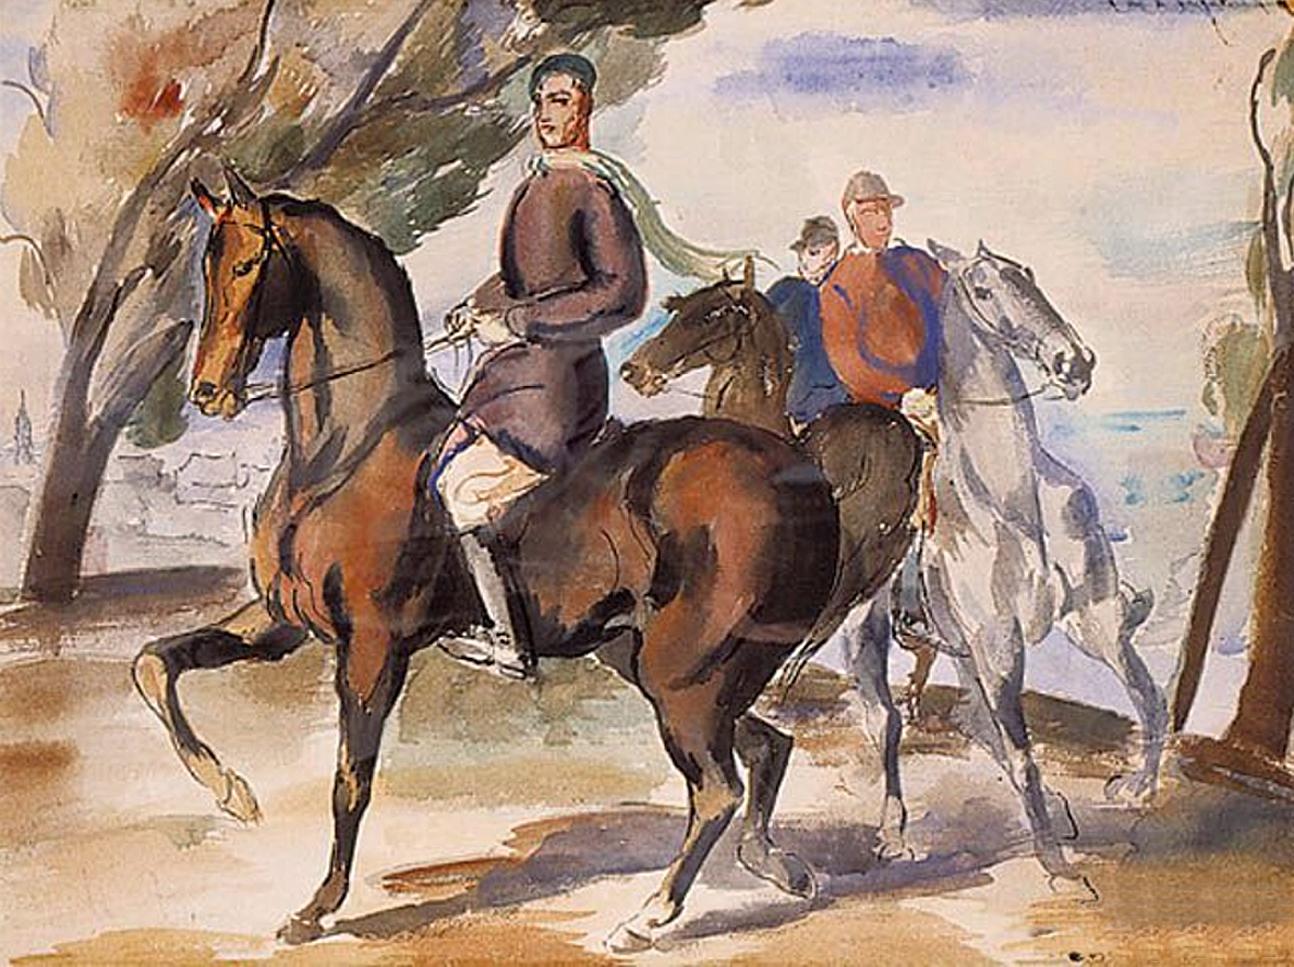 Євген Гепперт. На біговій доріжці, 1931; папір, акварель